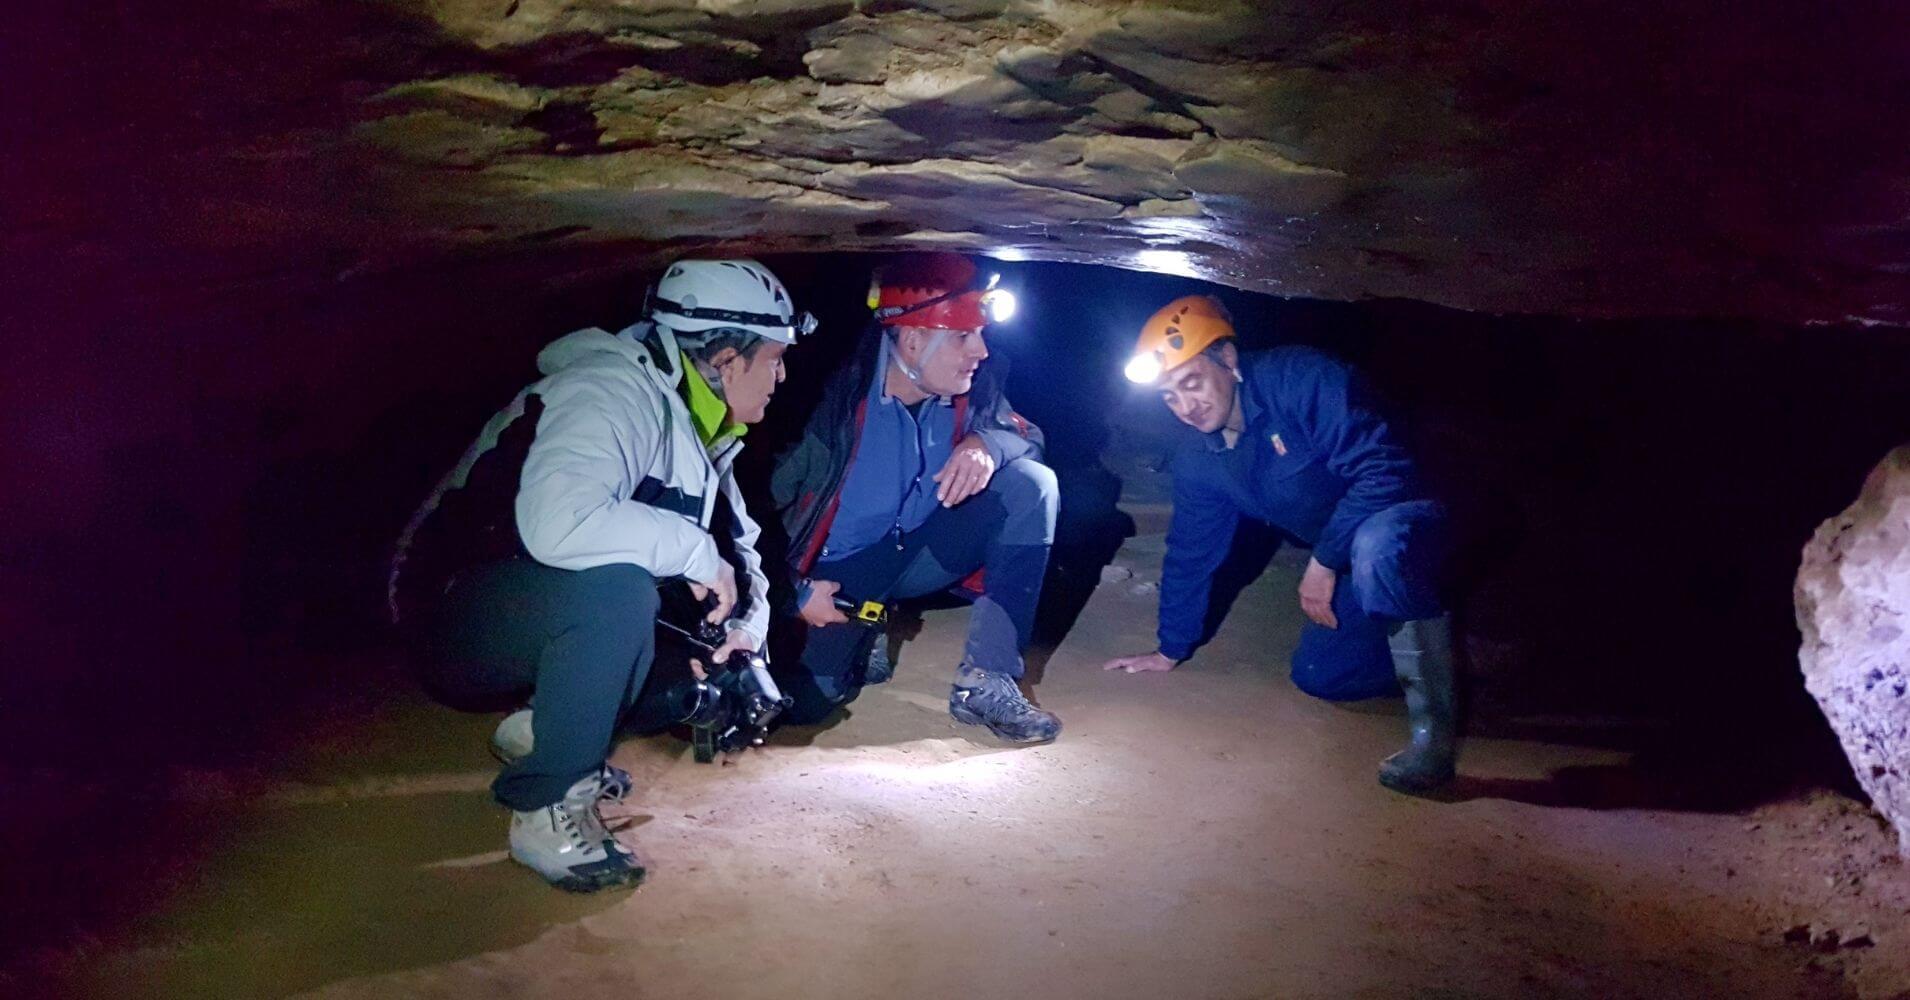 Cuevas Turísticas y Espeleología de España. Cueva de Palomera. Sotos Cueva. Las Merindades. Burgos, España.